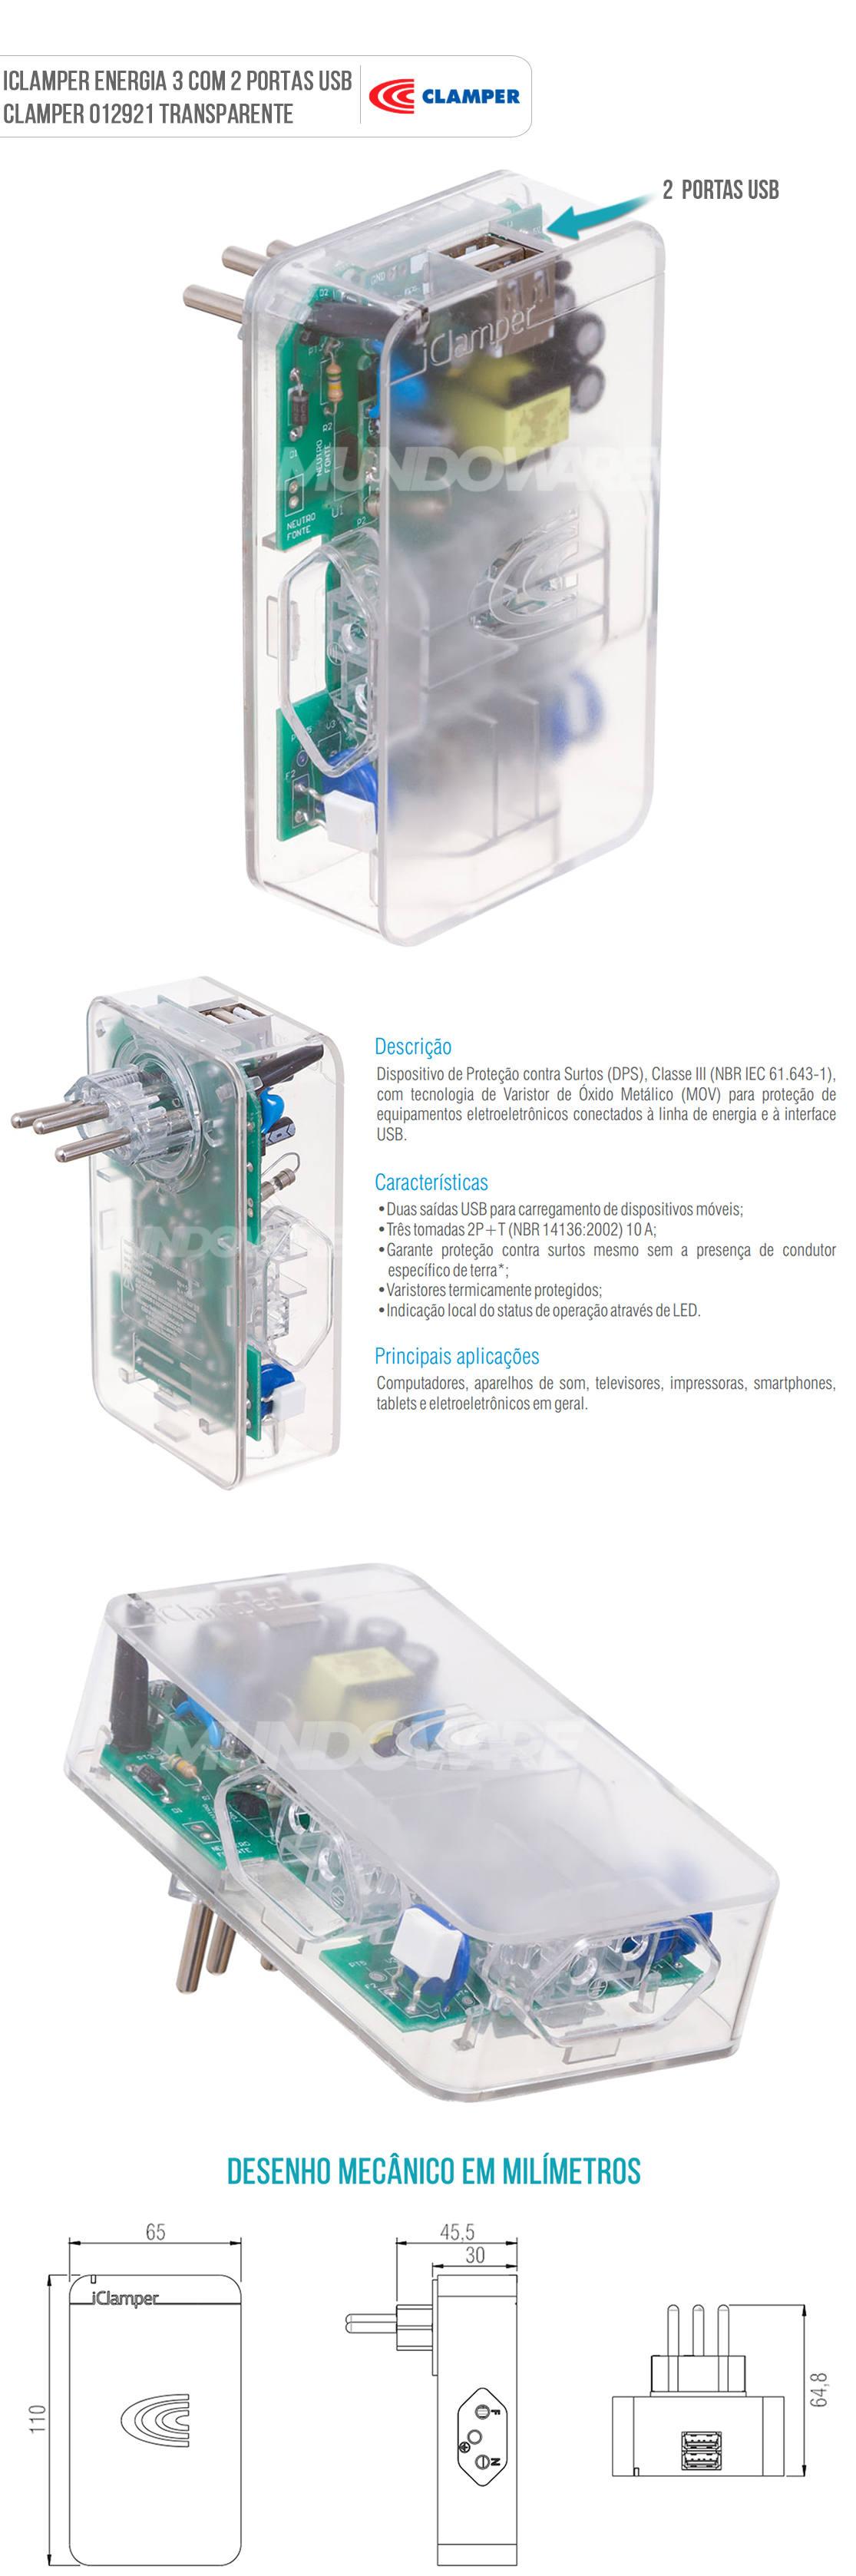 DPS ICLAMPER Energia 3 com 2 Portas USB Proteção Total contra Surtos Elétricos Transparente